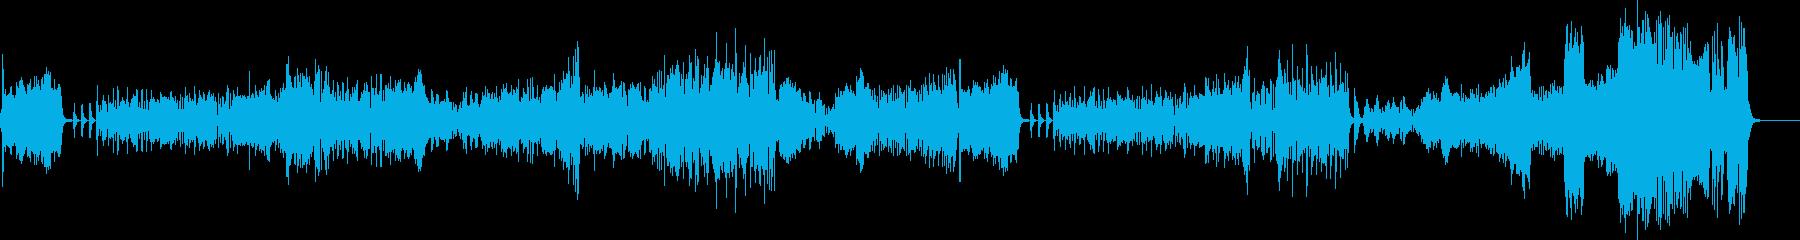 バレエ音楽っぽいオーケストラ曲です。の再生済みの波形